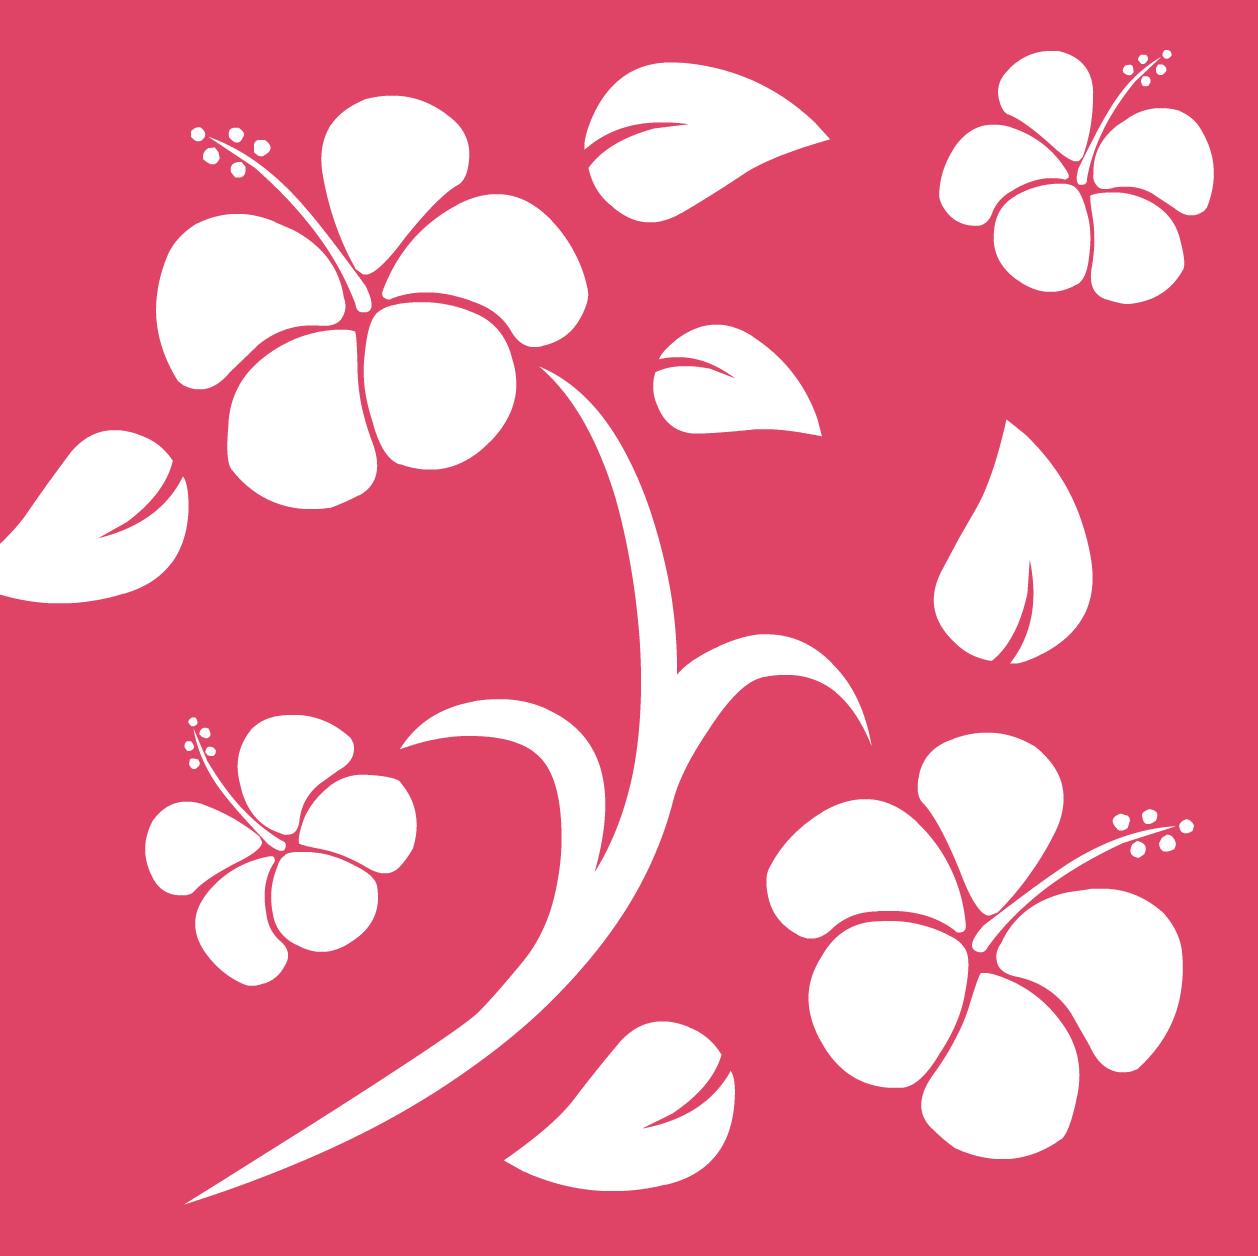 Hawaiian flower clip art n96 free image hawaiian flower clip art n96 izmirmasajfo